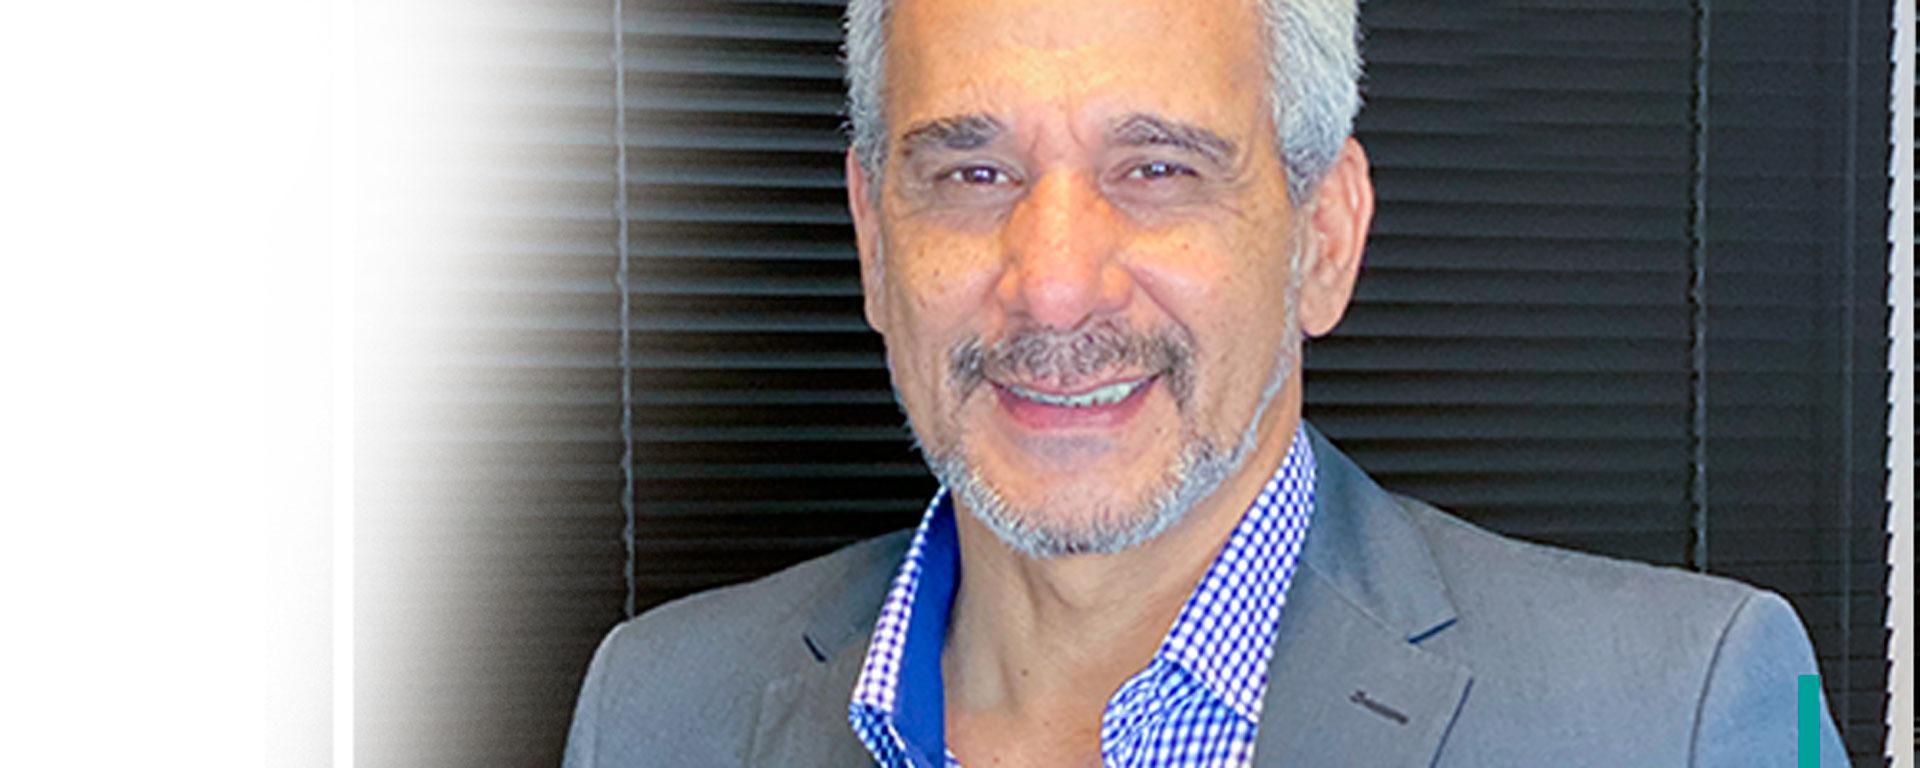 Marcelo Salomão Coordenador do curso de Direito Insted